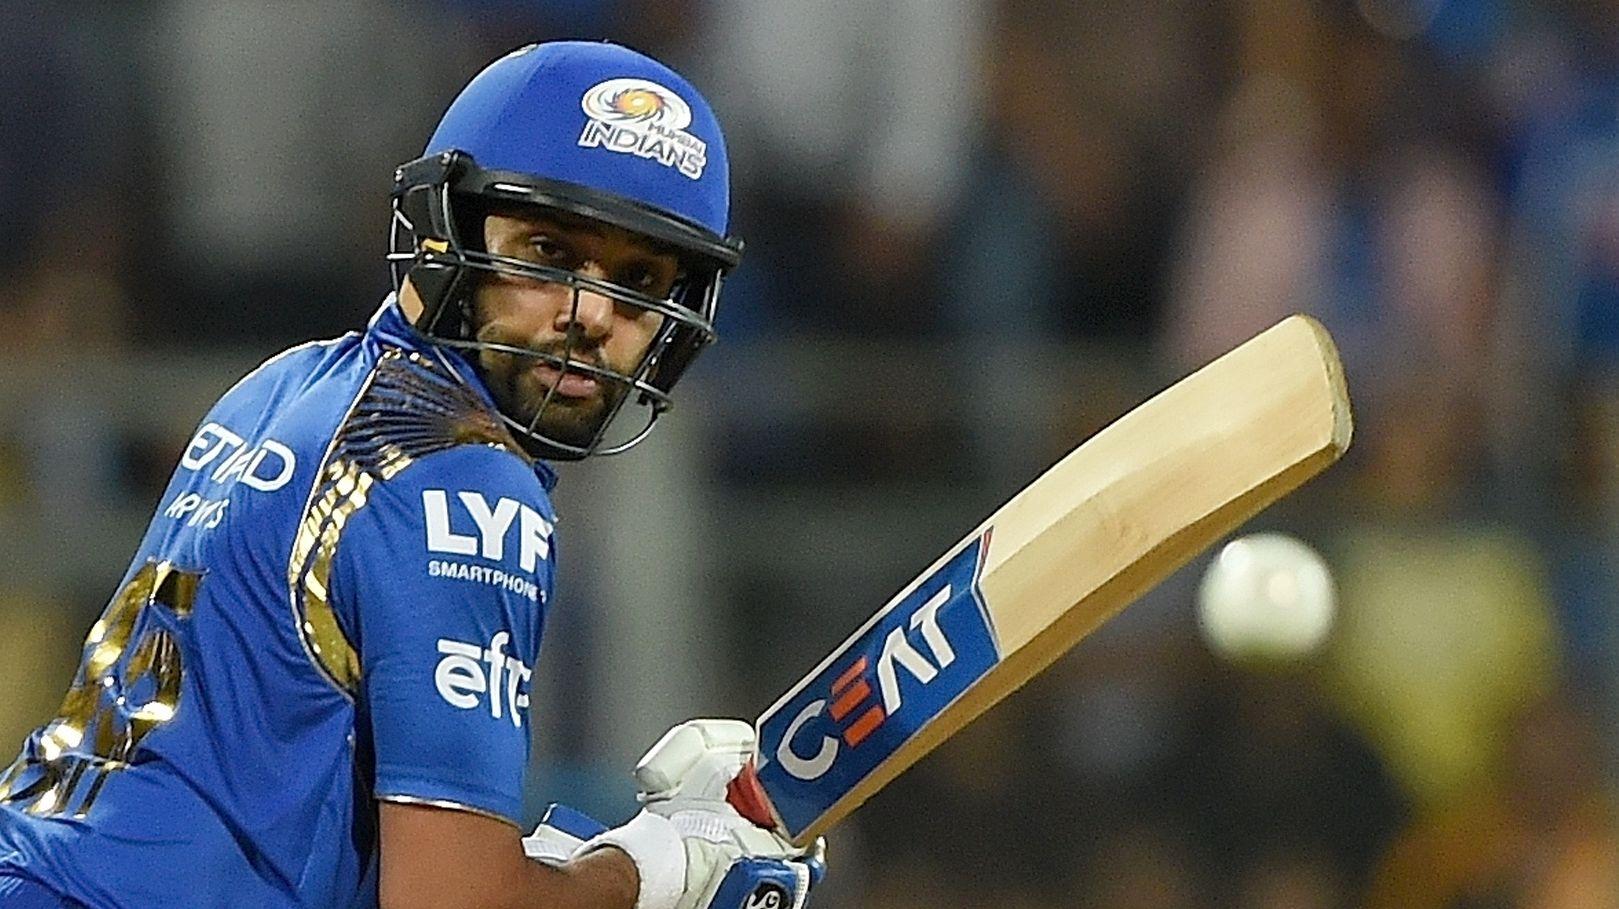 IPL 2020 : ये 5 बल्लेबाज तोड़ सकते हैं क्रिस गेल के 175 रनों का रिकॉर्ड 1